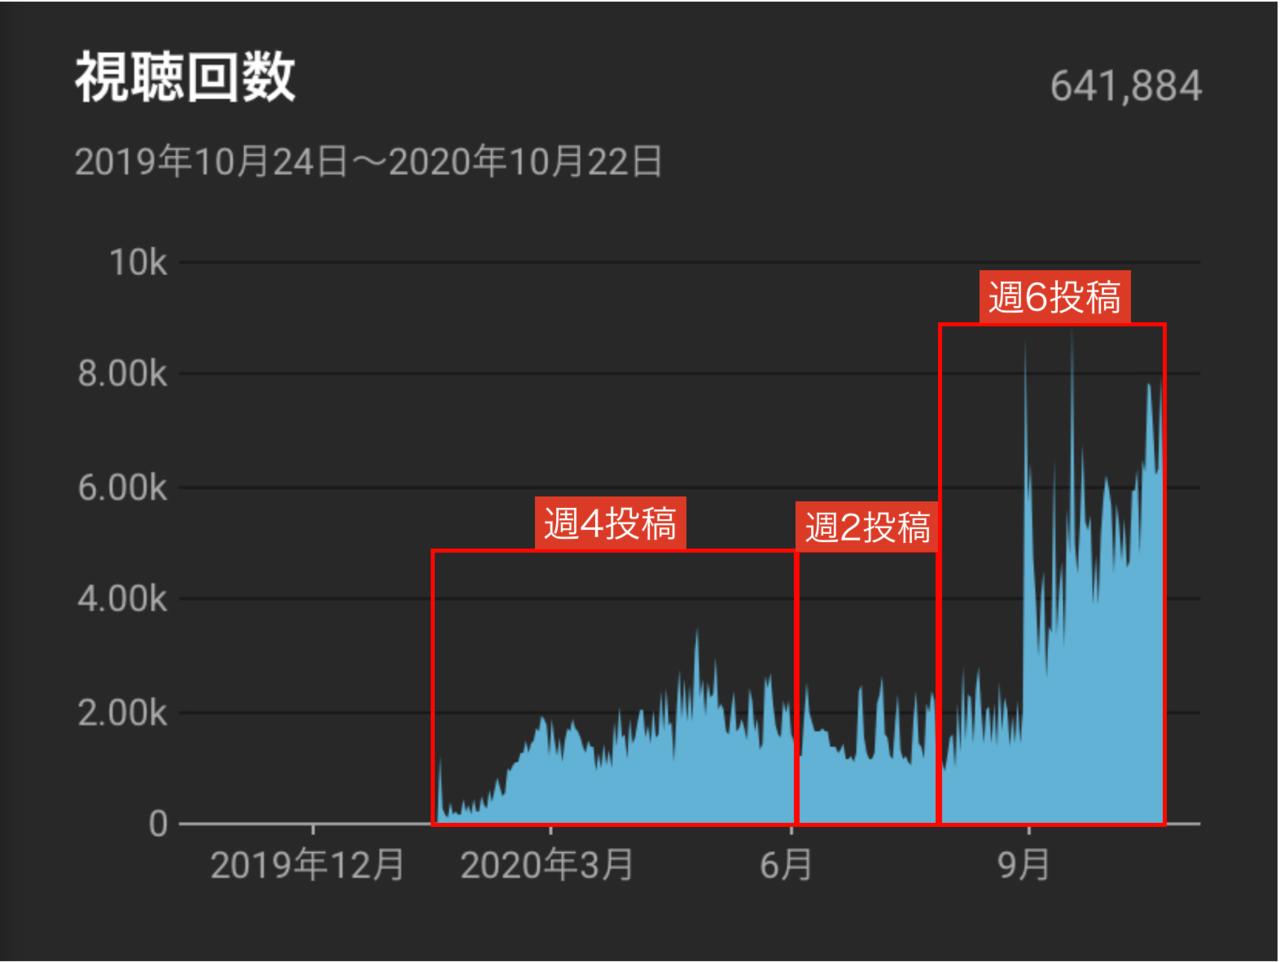 スクリーンショット 2020-10-24 10.48.38